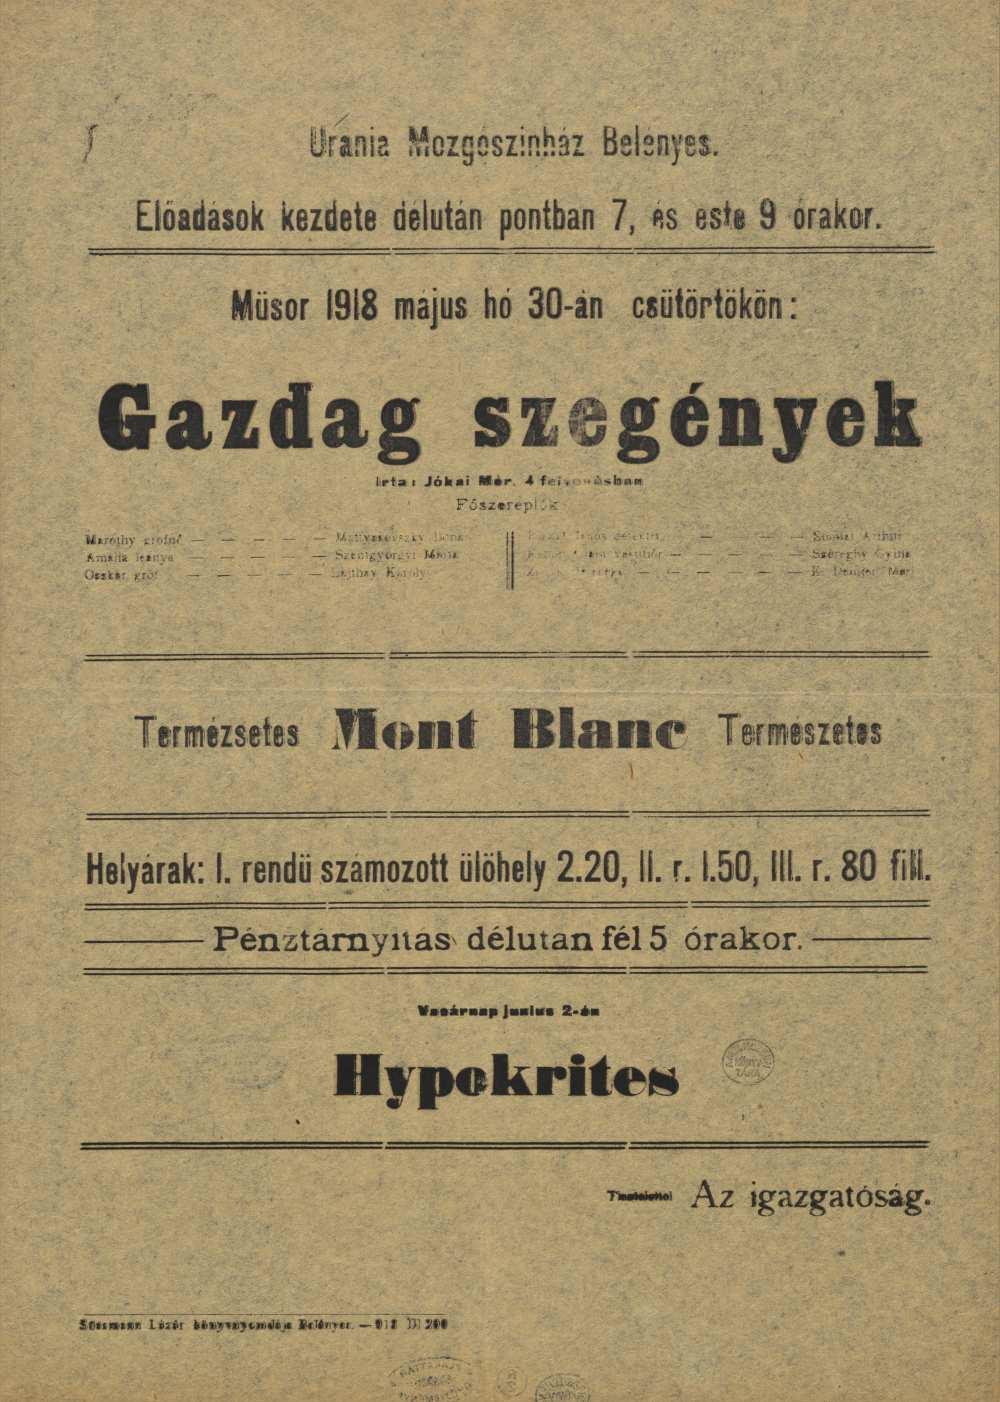 Gazdag szegények. Filmplakát, 1918. – Térkép-, Plakát- és Kisnyomtatványtár, Jelzet: Szöv.pl 1918